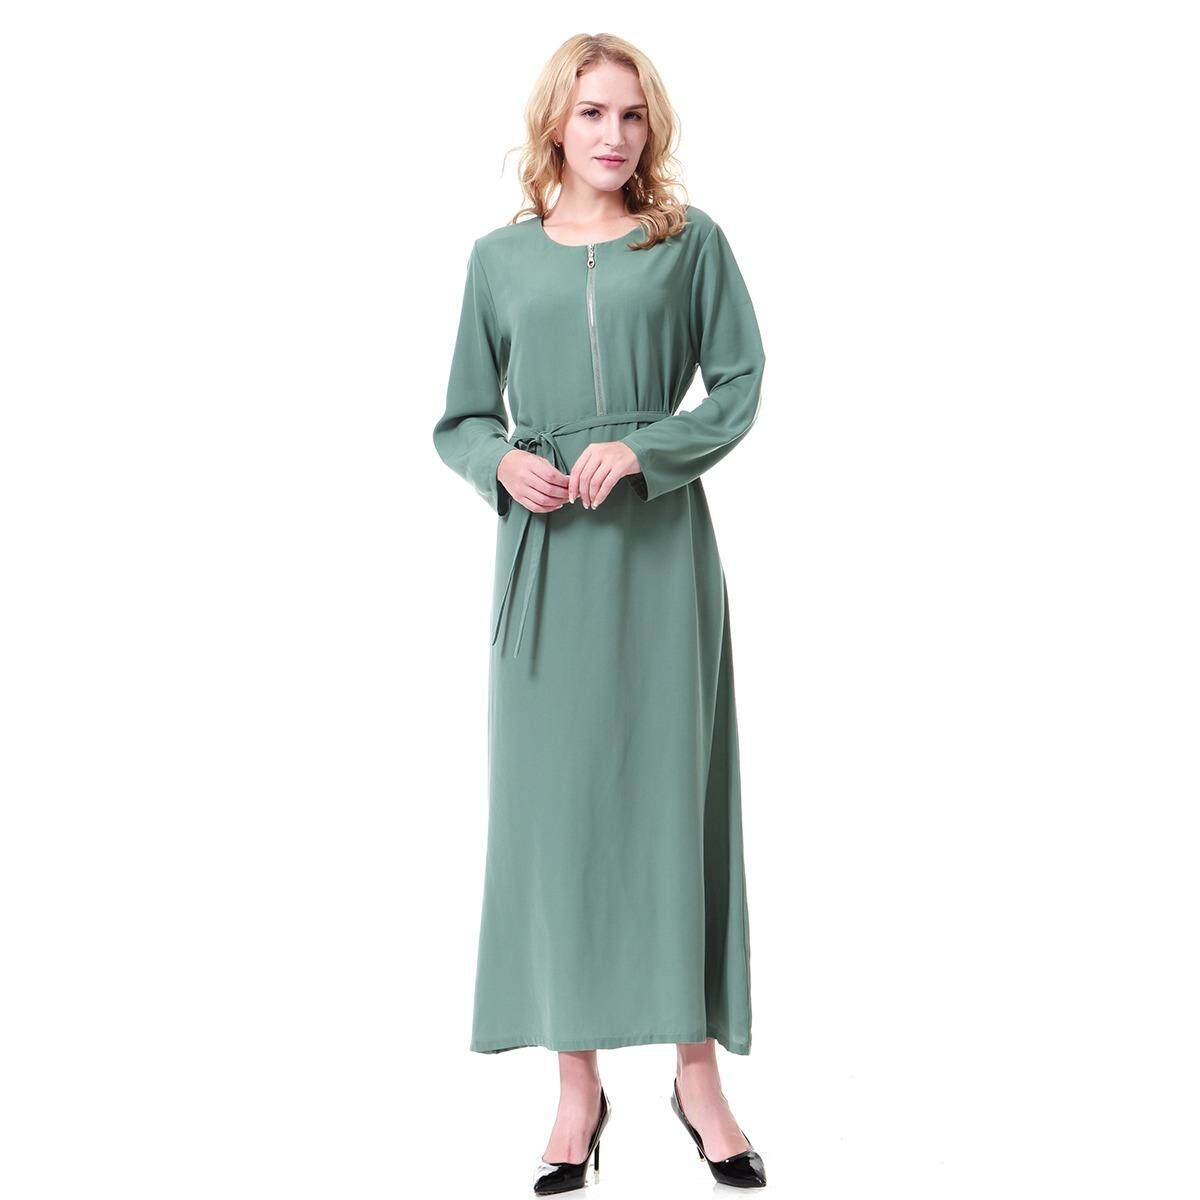 Kualitas Tinggi Busana Wanita Muslim Ritsleting Poliester Abaya Kaftan Lengan Panjang Islam Indonesia Gaun Panjang Jubah